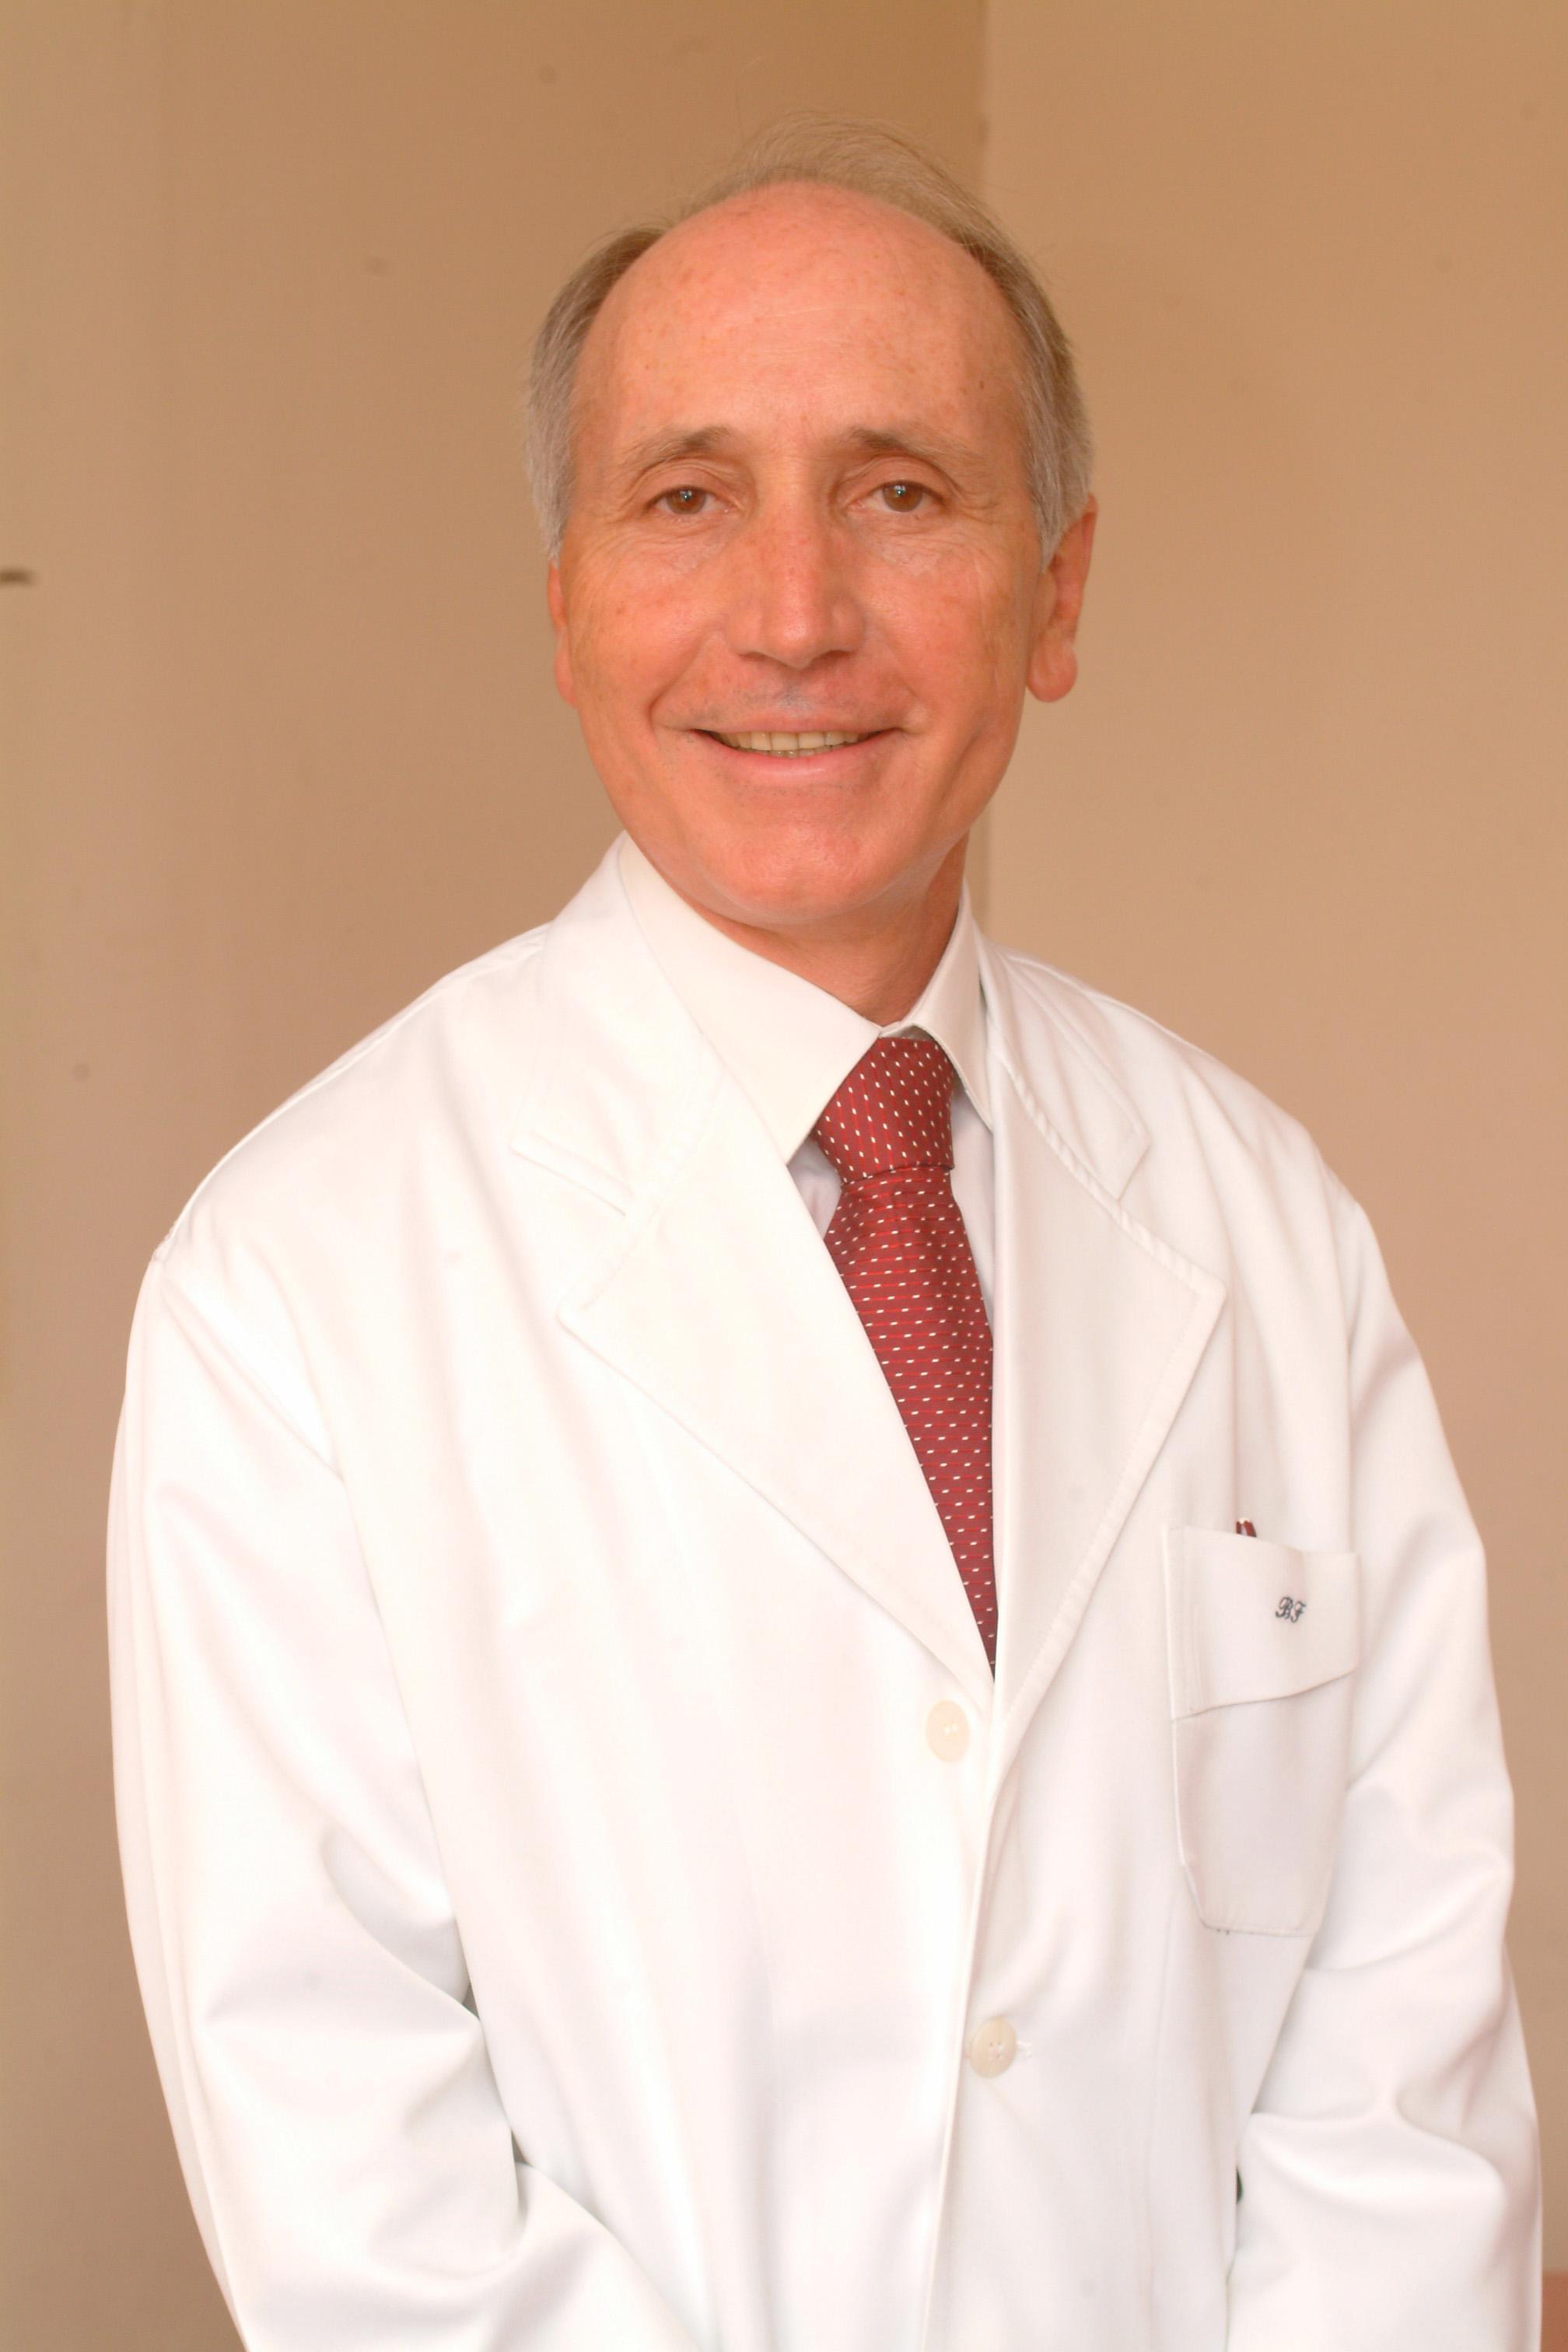 Carlos Alberto de Barros Franco    Coordenador de Pneumologia PUC-Rio  Diretor Médico Clínica Barros Franco  Membro da Academia Nacional de Medicina